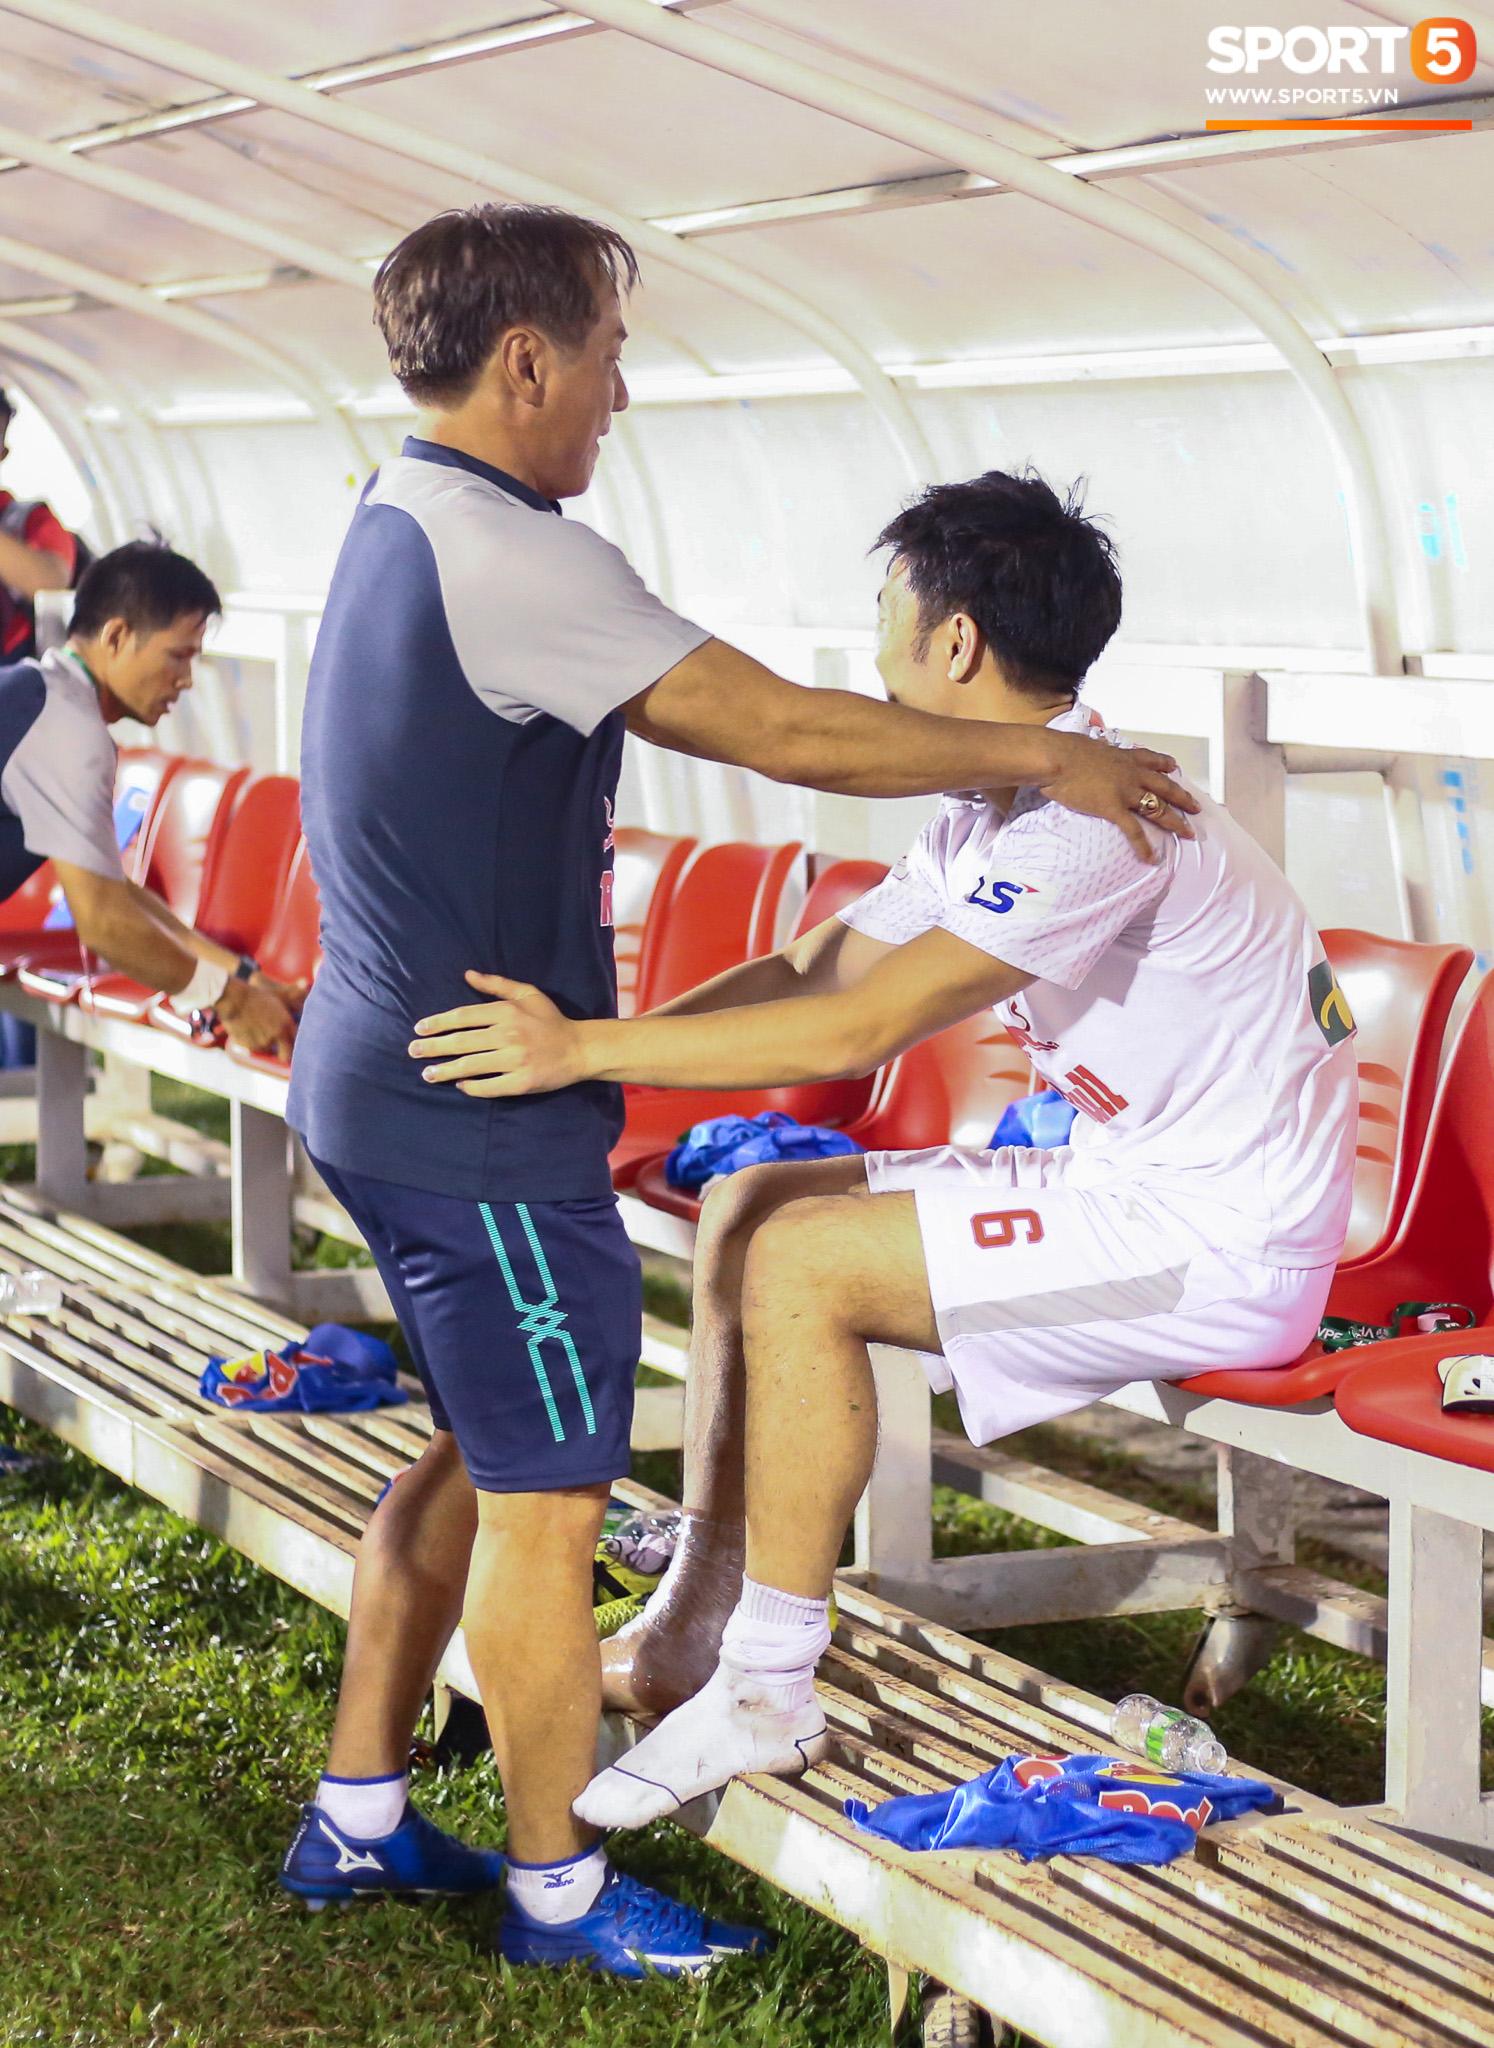 Nguyễn Tuấn Anh ăn mừng cực dị cùng Hữu Tuấn sau trận thắng Hà Nội FC - ảnh 6